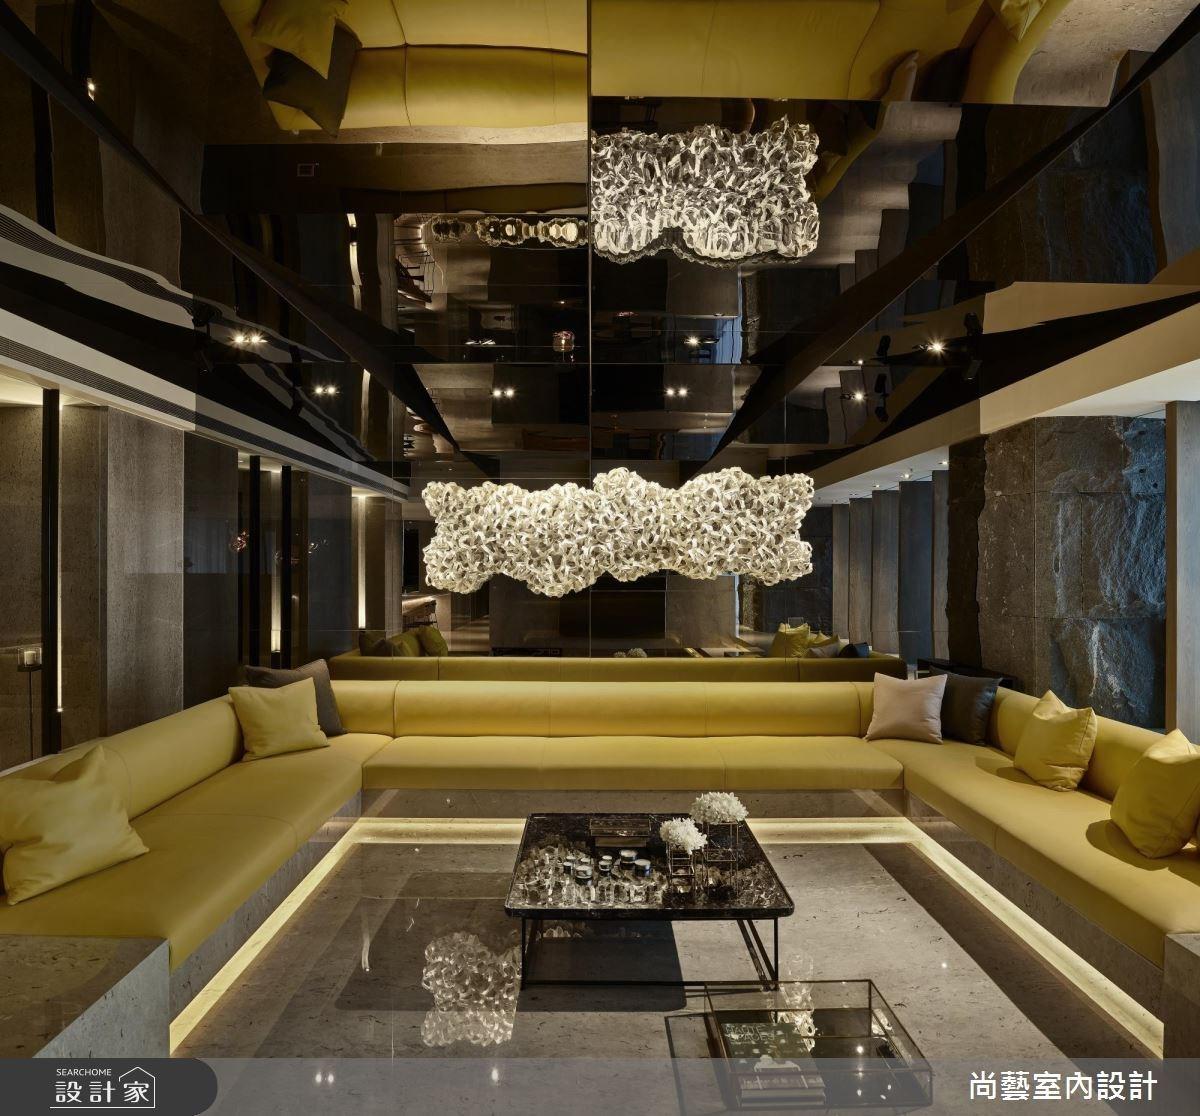 99坪新成屋(5年以下)_簡約風客廳案例圖片_尚藝室內設計_尚藝_41寶輝秋紅谷之3